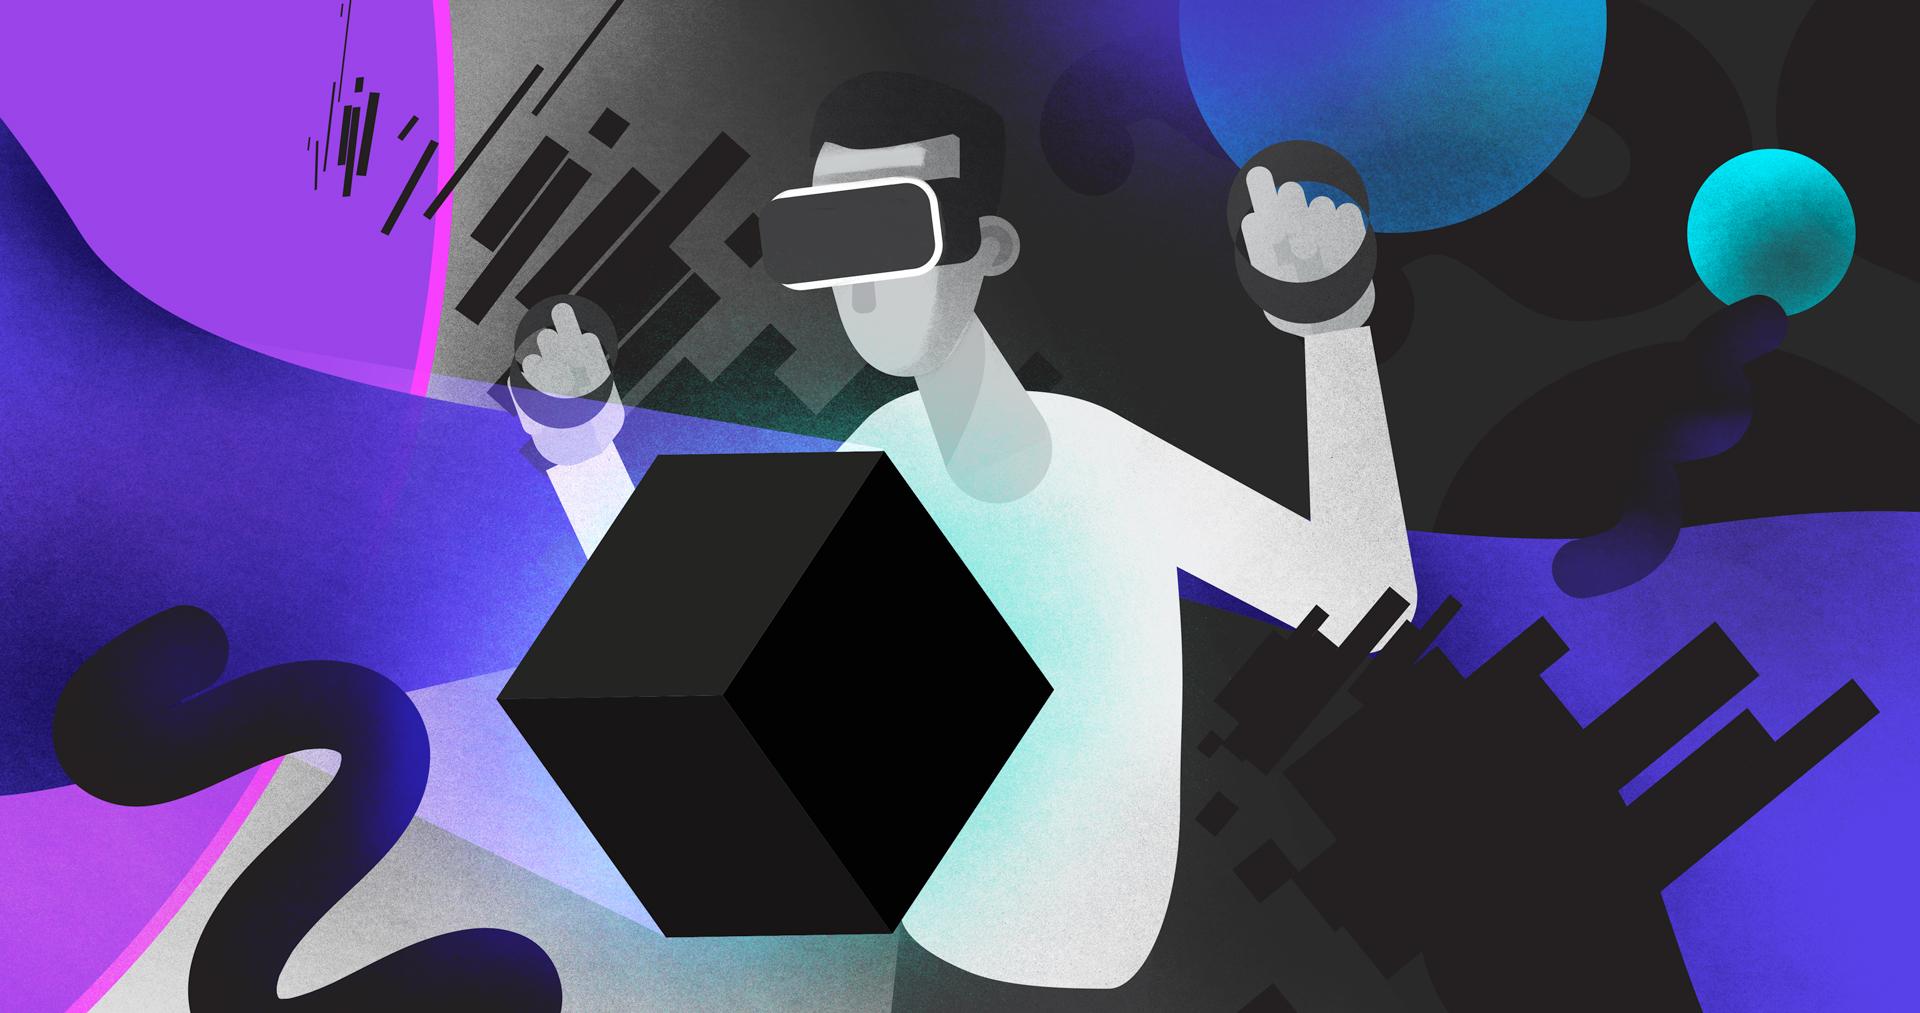 Oculus_SC2_G_0819_1.jpg